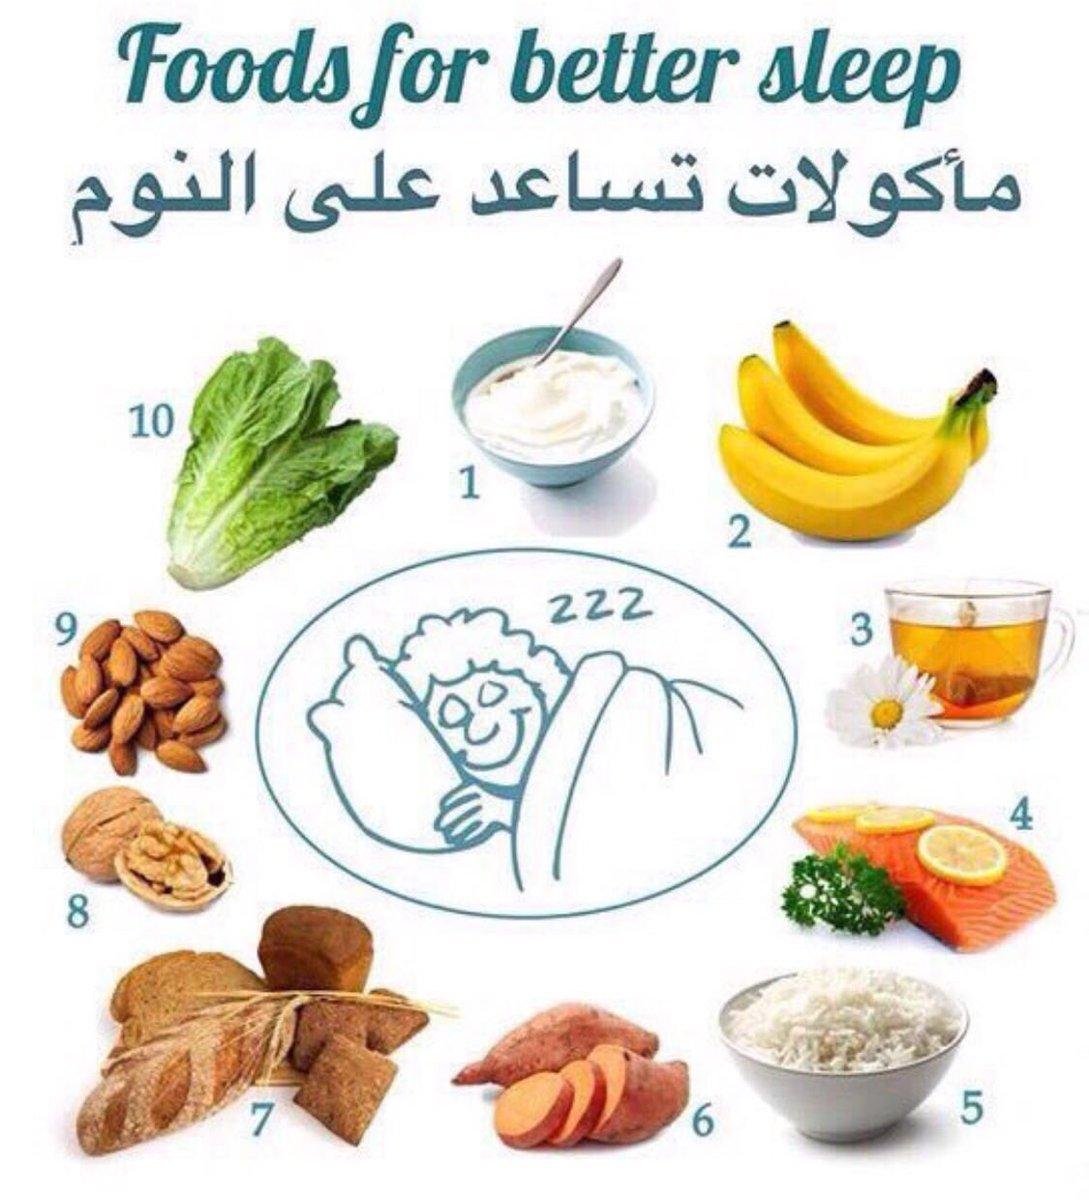 صورة اطعمة تساعد على النوم , طعام خفيف يمنع الارق